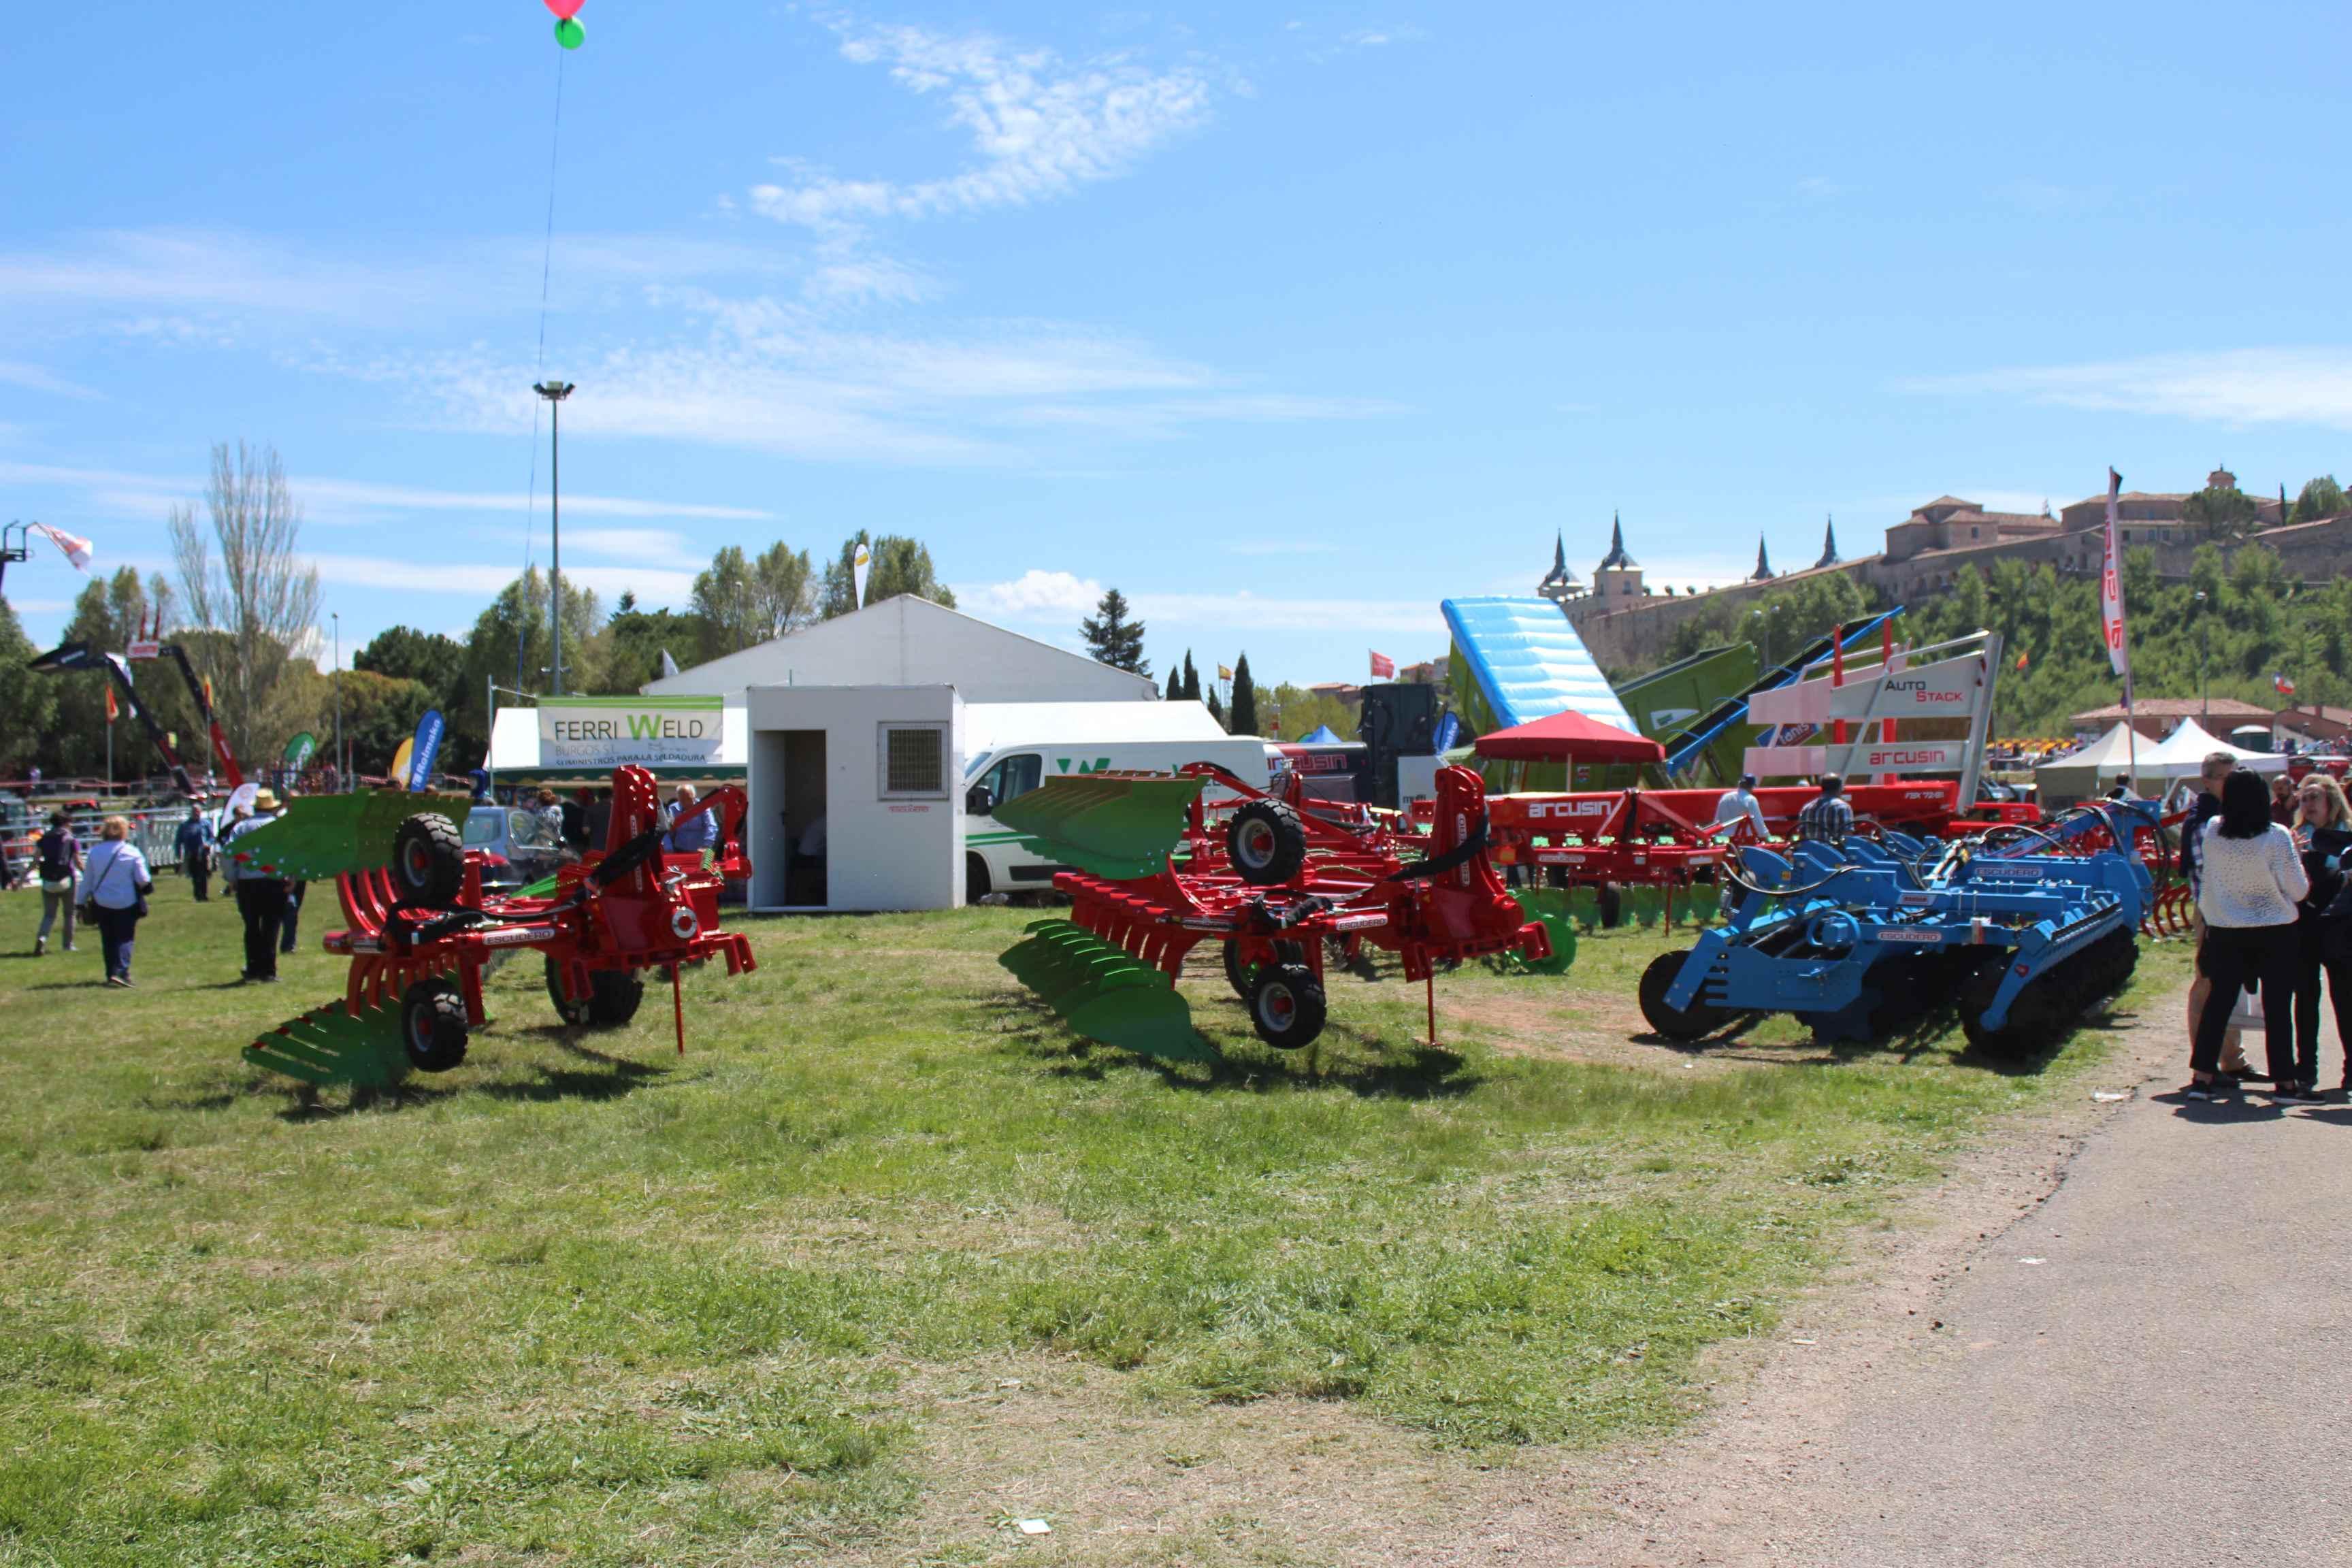 Feria-Lerma-2019-146